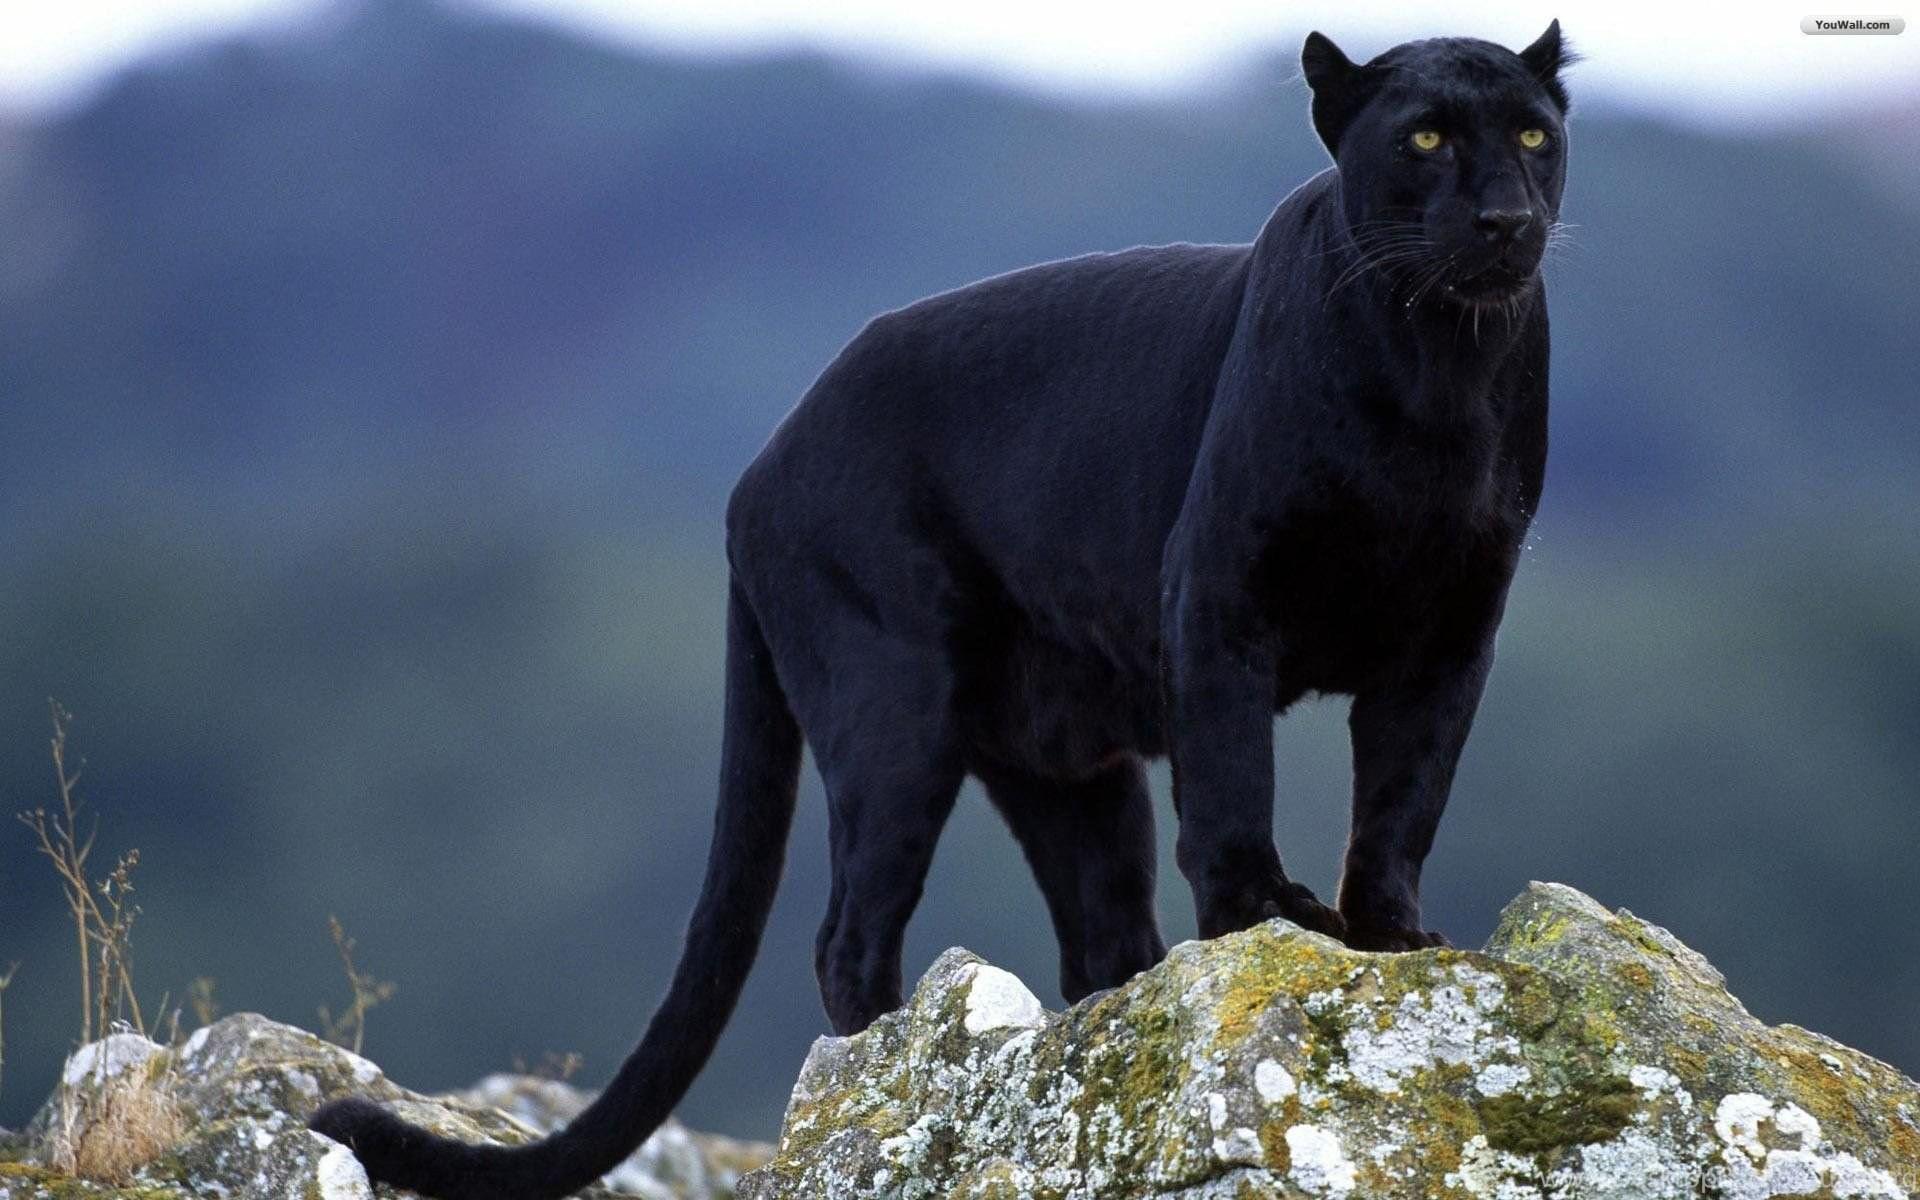 Black Jaguar Vs Black Leopard Wallpaper Desktop Background